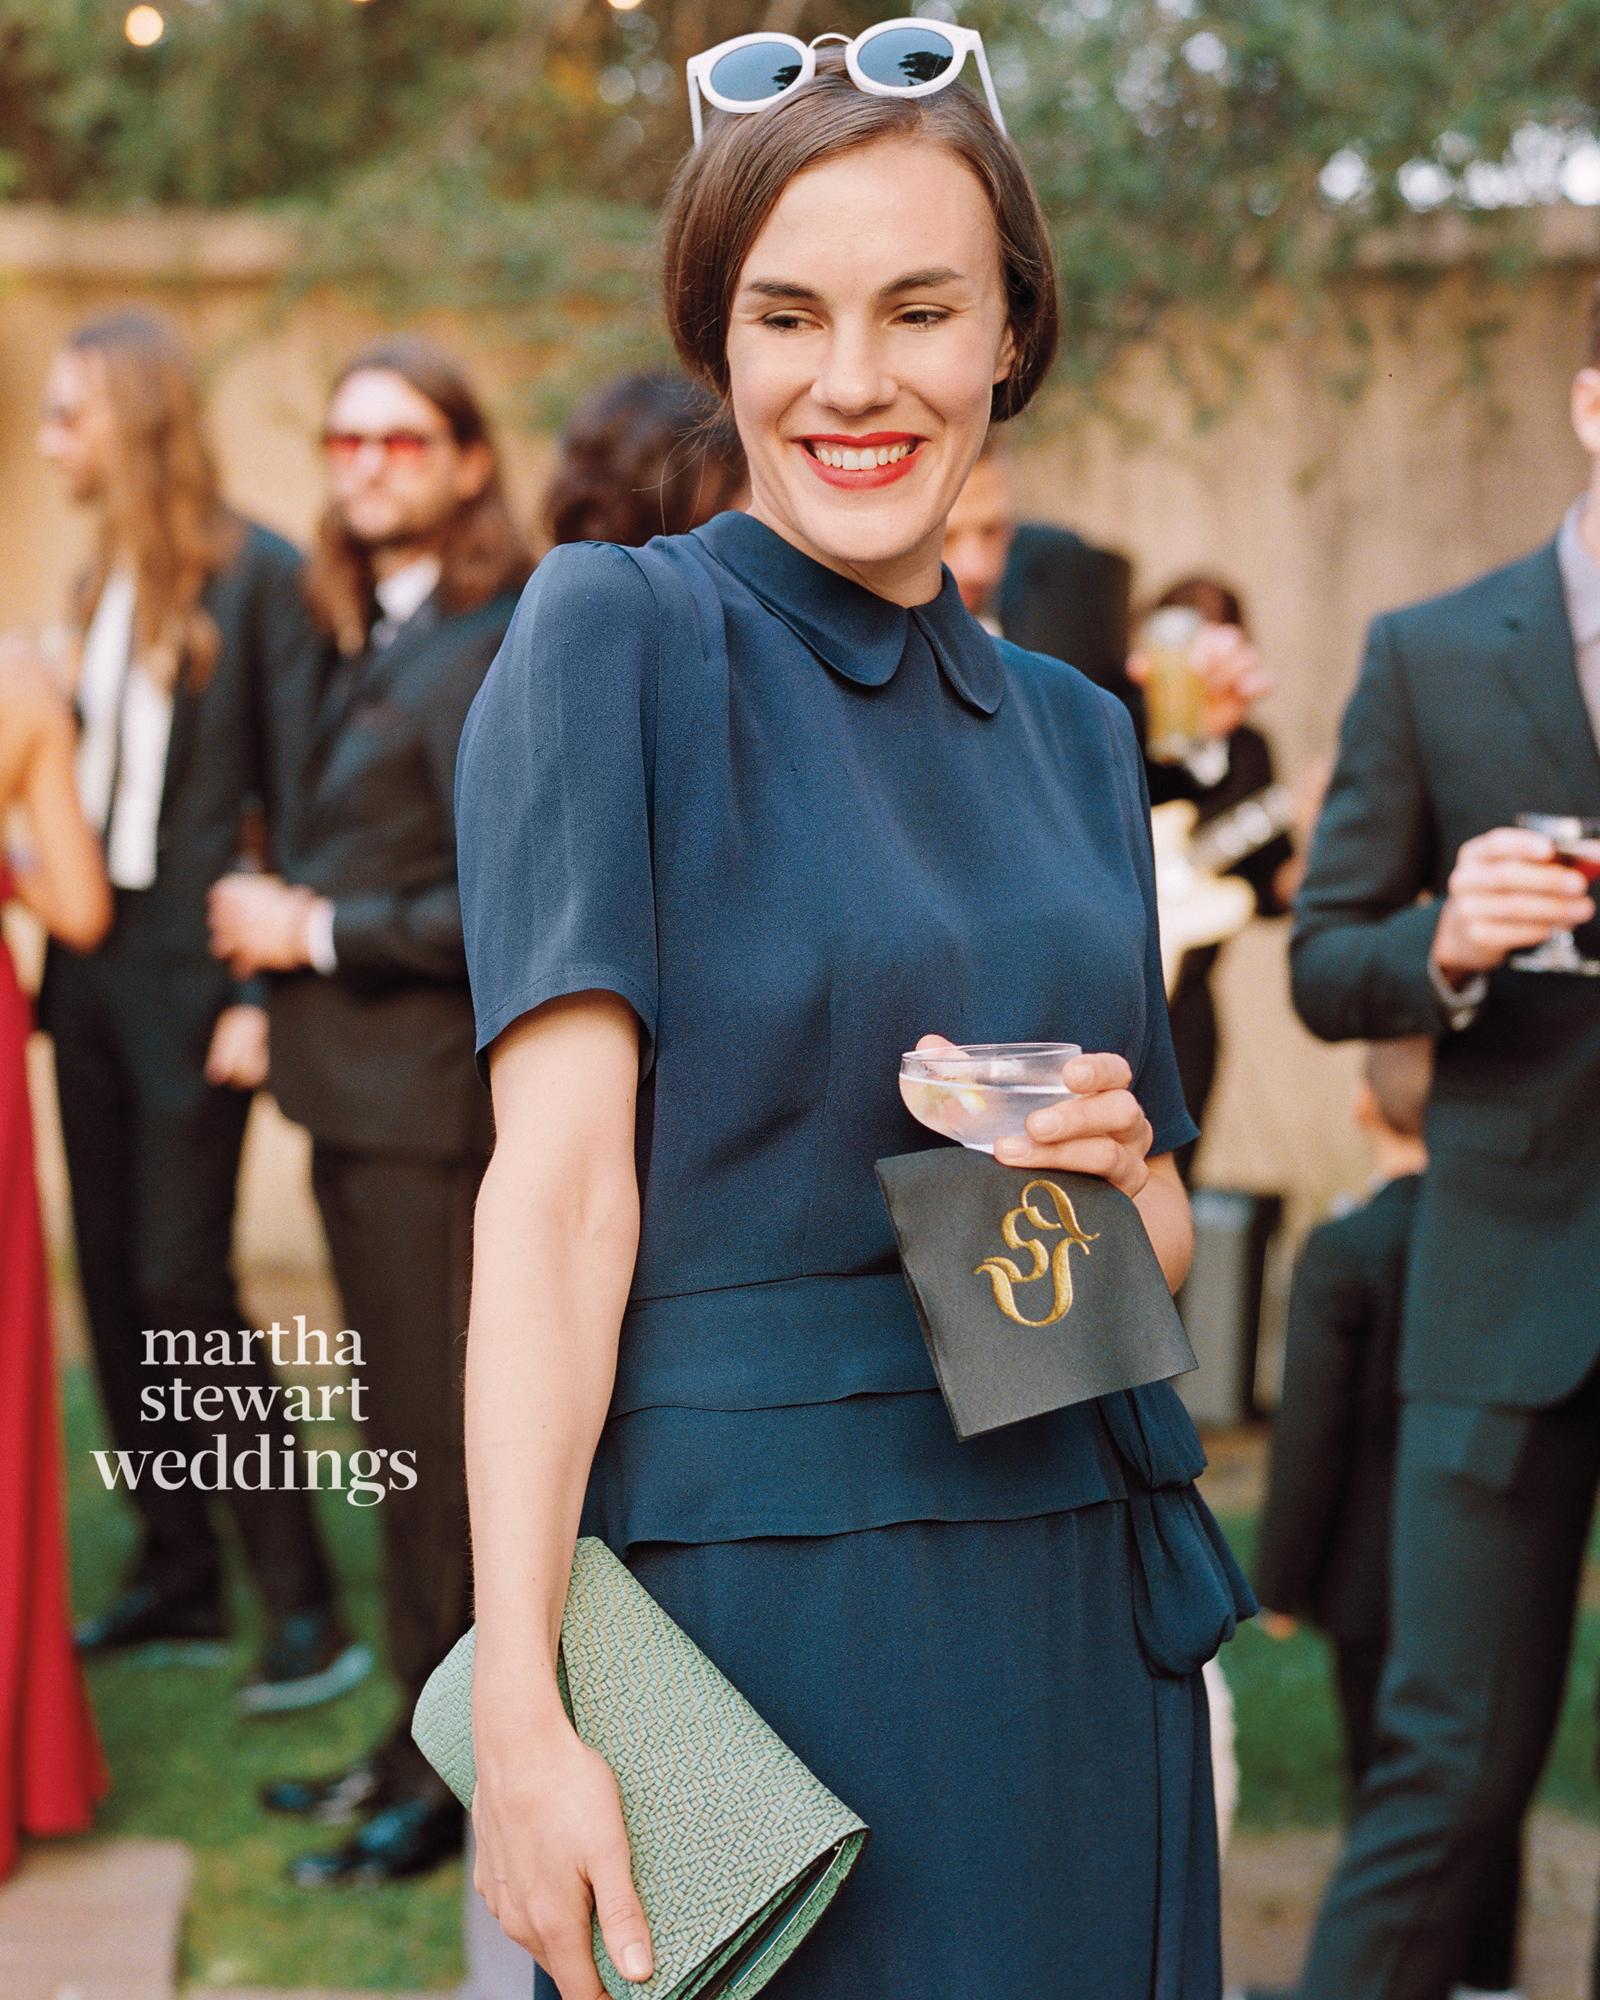 sophia-joel-wedding-los-angeles-102-d112240-watermark-0815.jpg